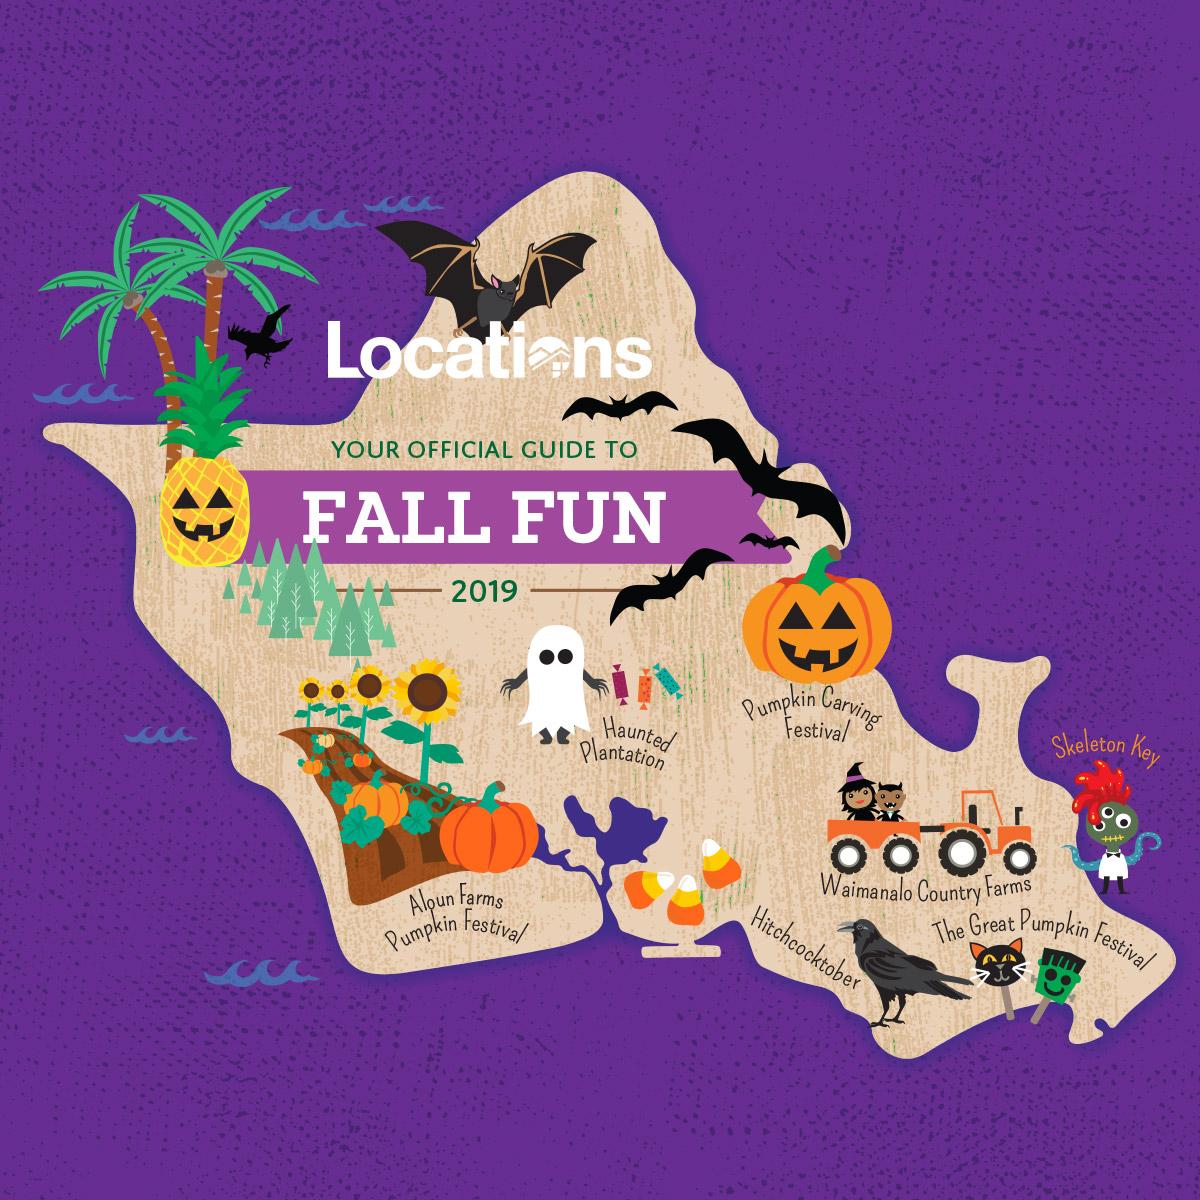 Kalakaua Avenue Halloween 2020 Halloween 2019 Events in Hawaii | Locations